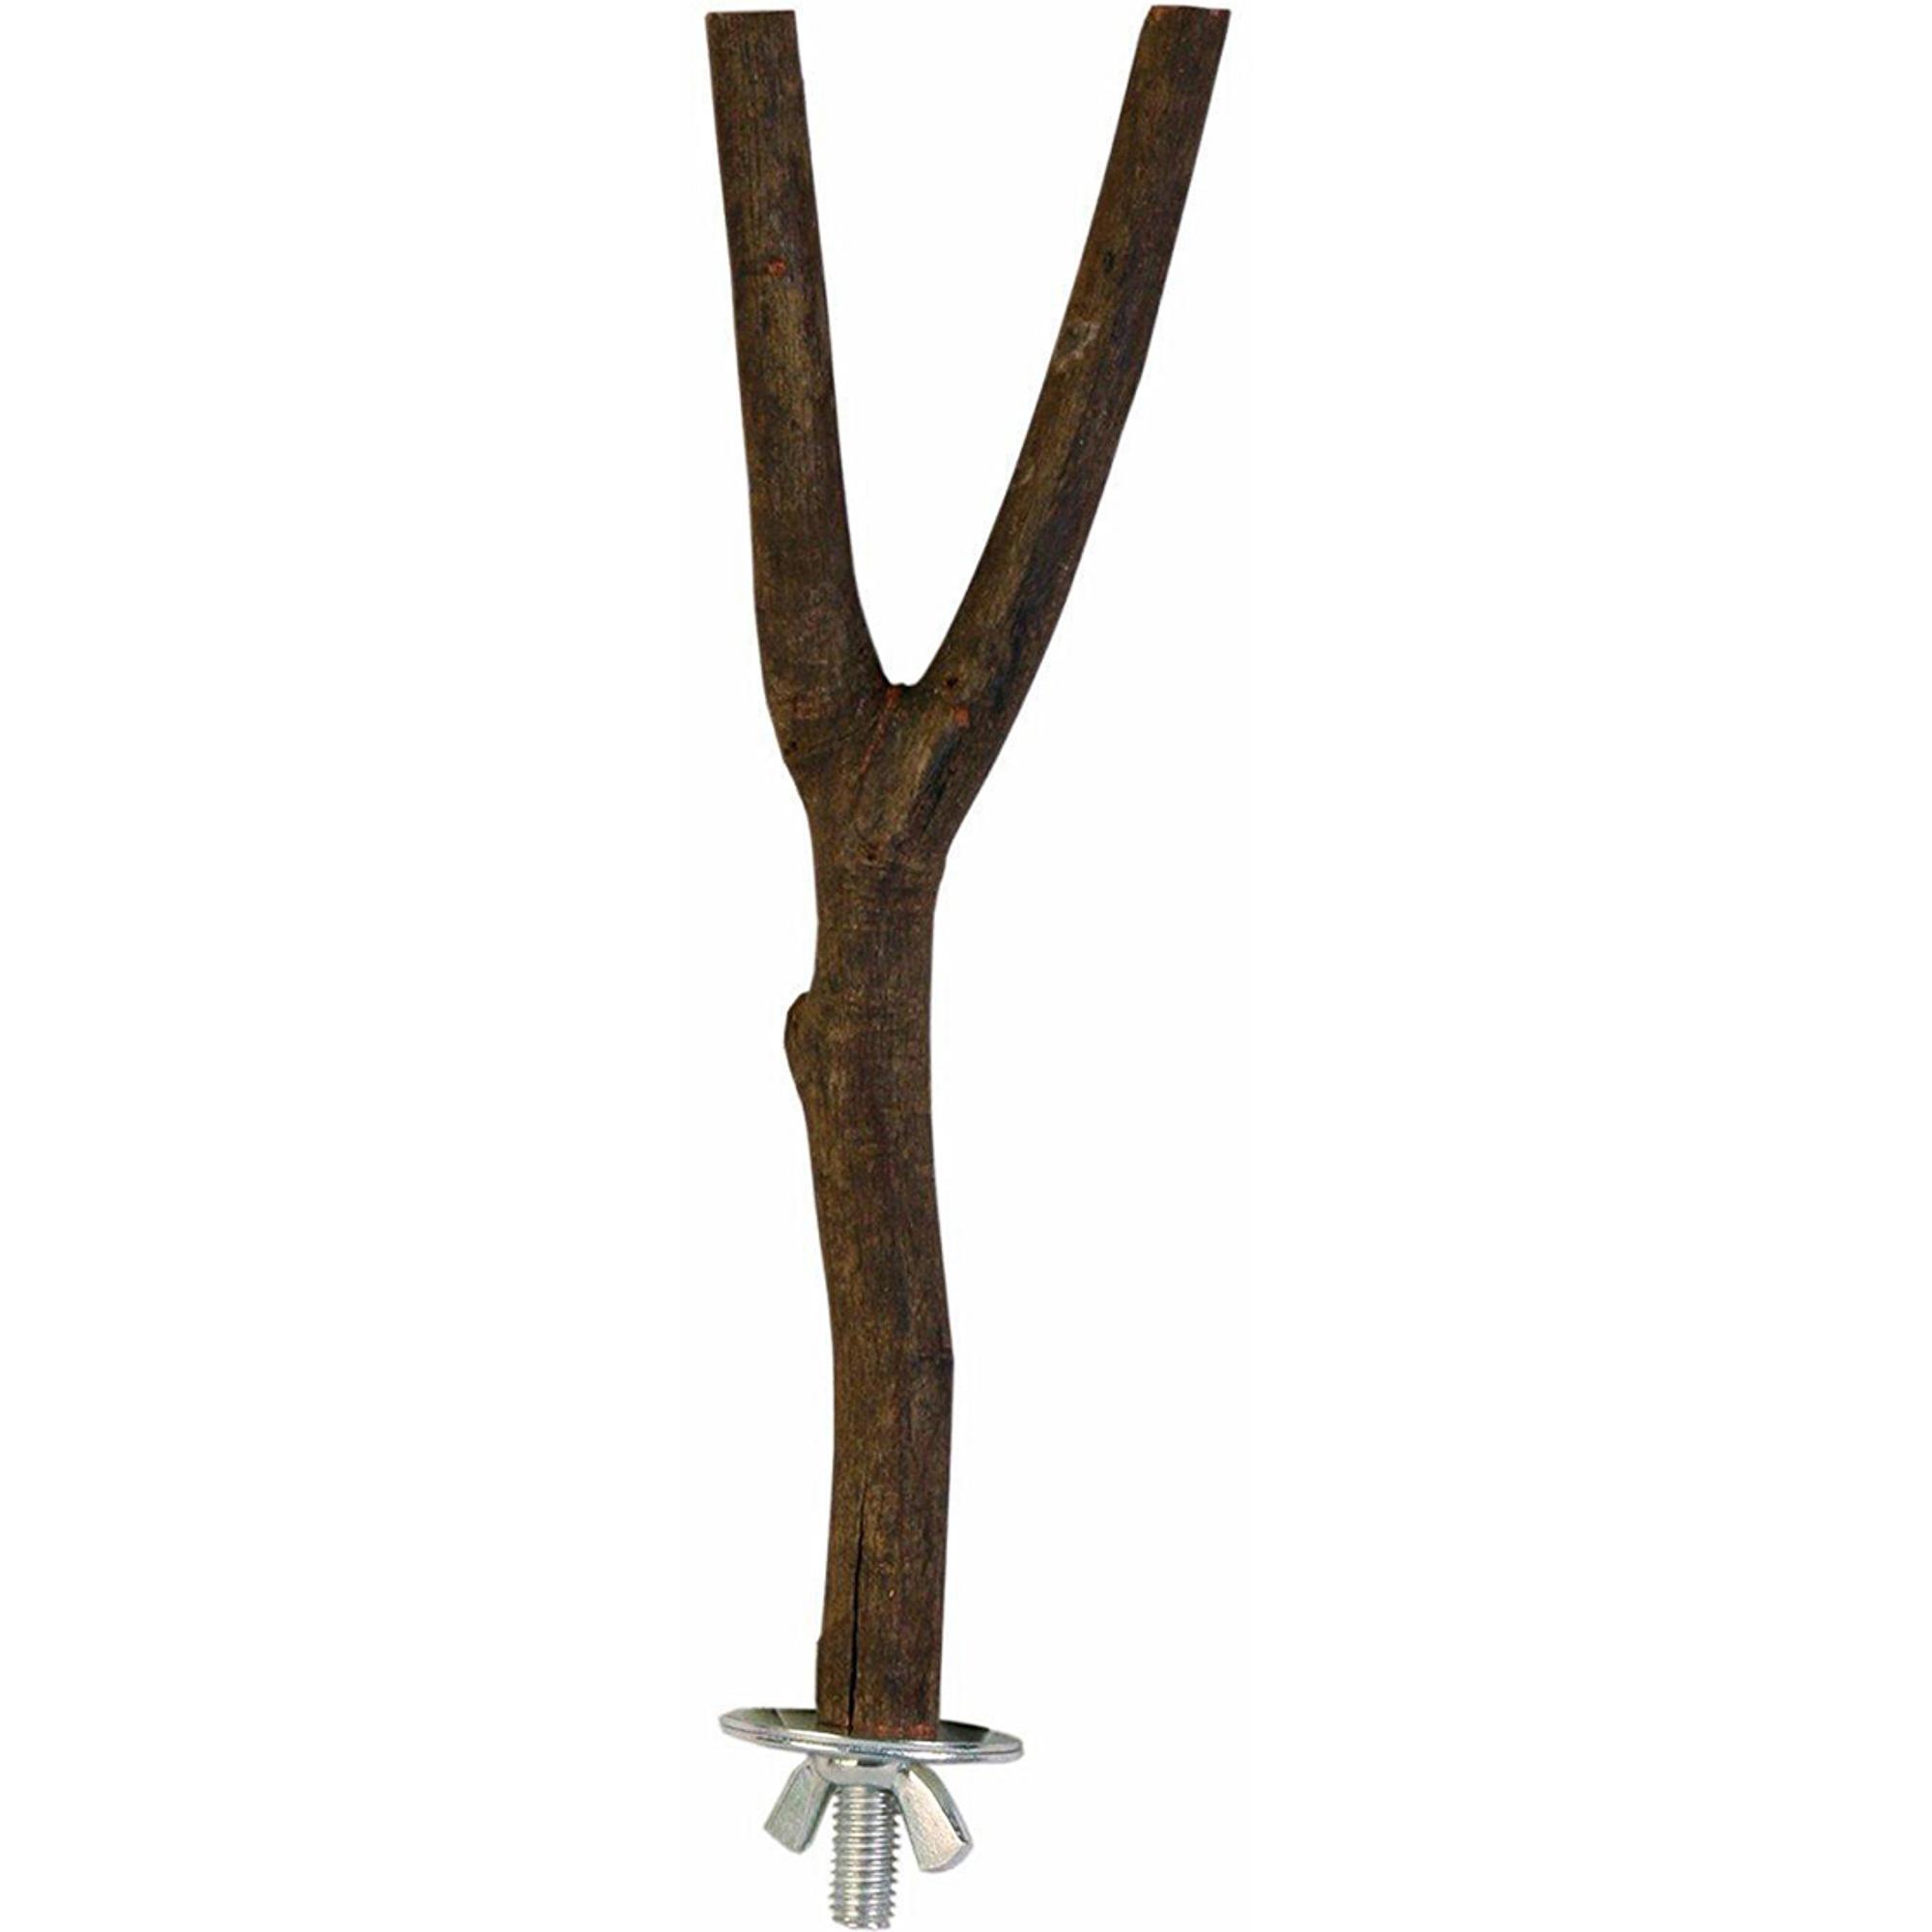 Фото - Жердочка для птиц TRIXIE Natural Living деревянная 20 см 5876 жердочки для птиц trixie 35см ф1 8см деревянная кора